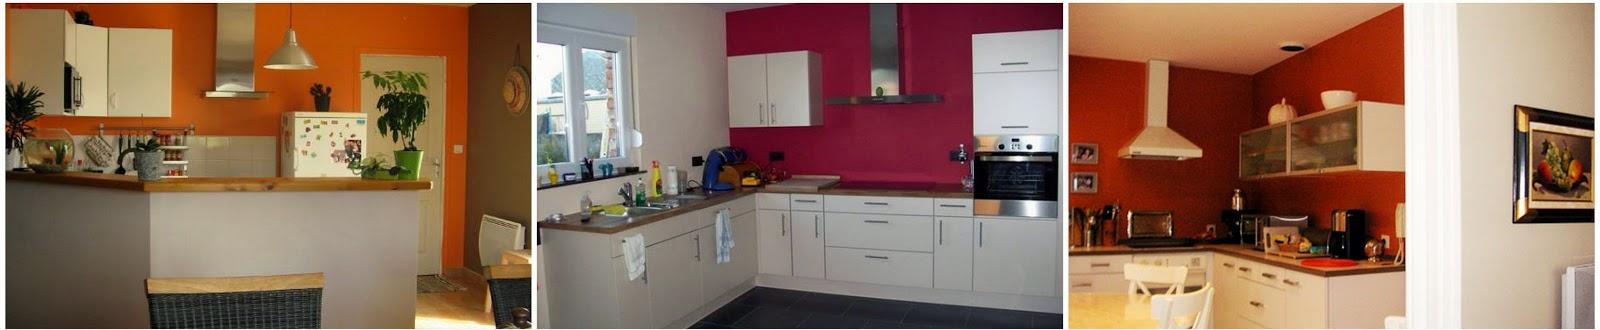 renovation travaux peintre en batiment cuisine paris entreprise de peinture paris. Black Bedroom Furniture Sets. Home Design Ideas